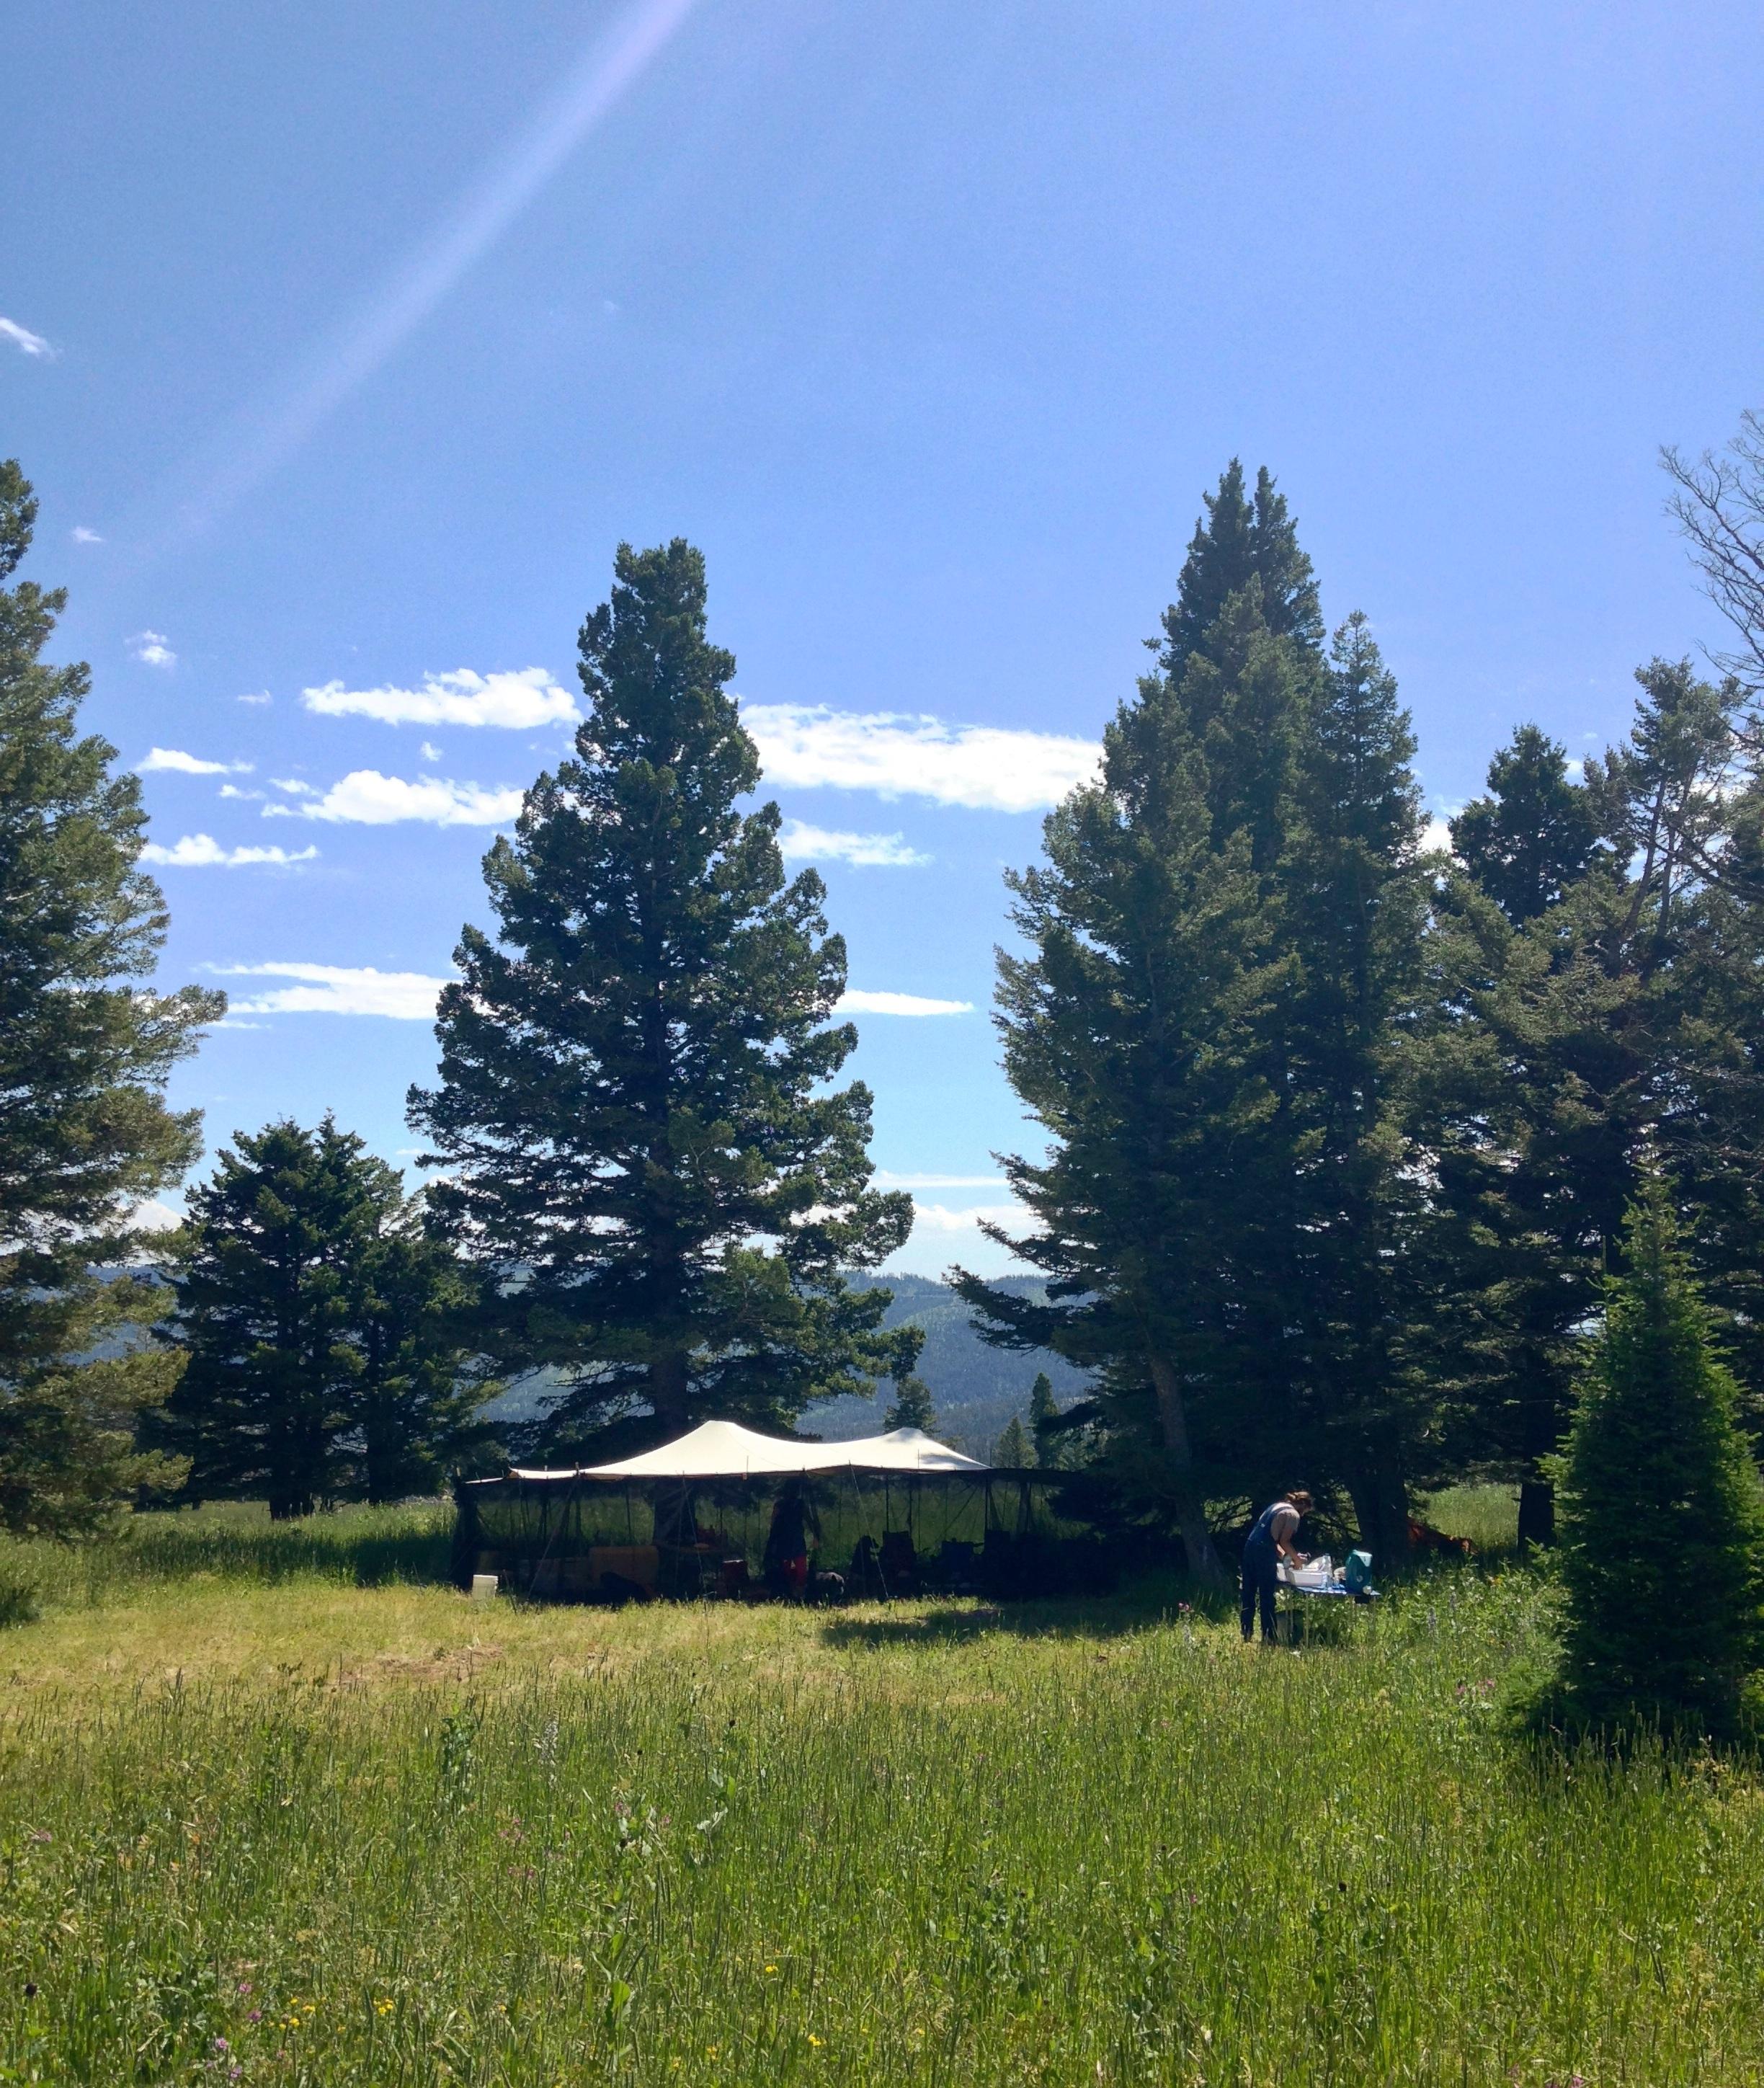 Basecamp, outside of Bozeman, MT